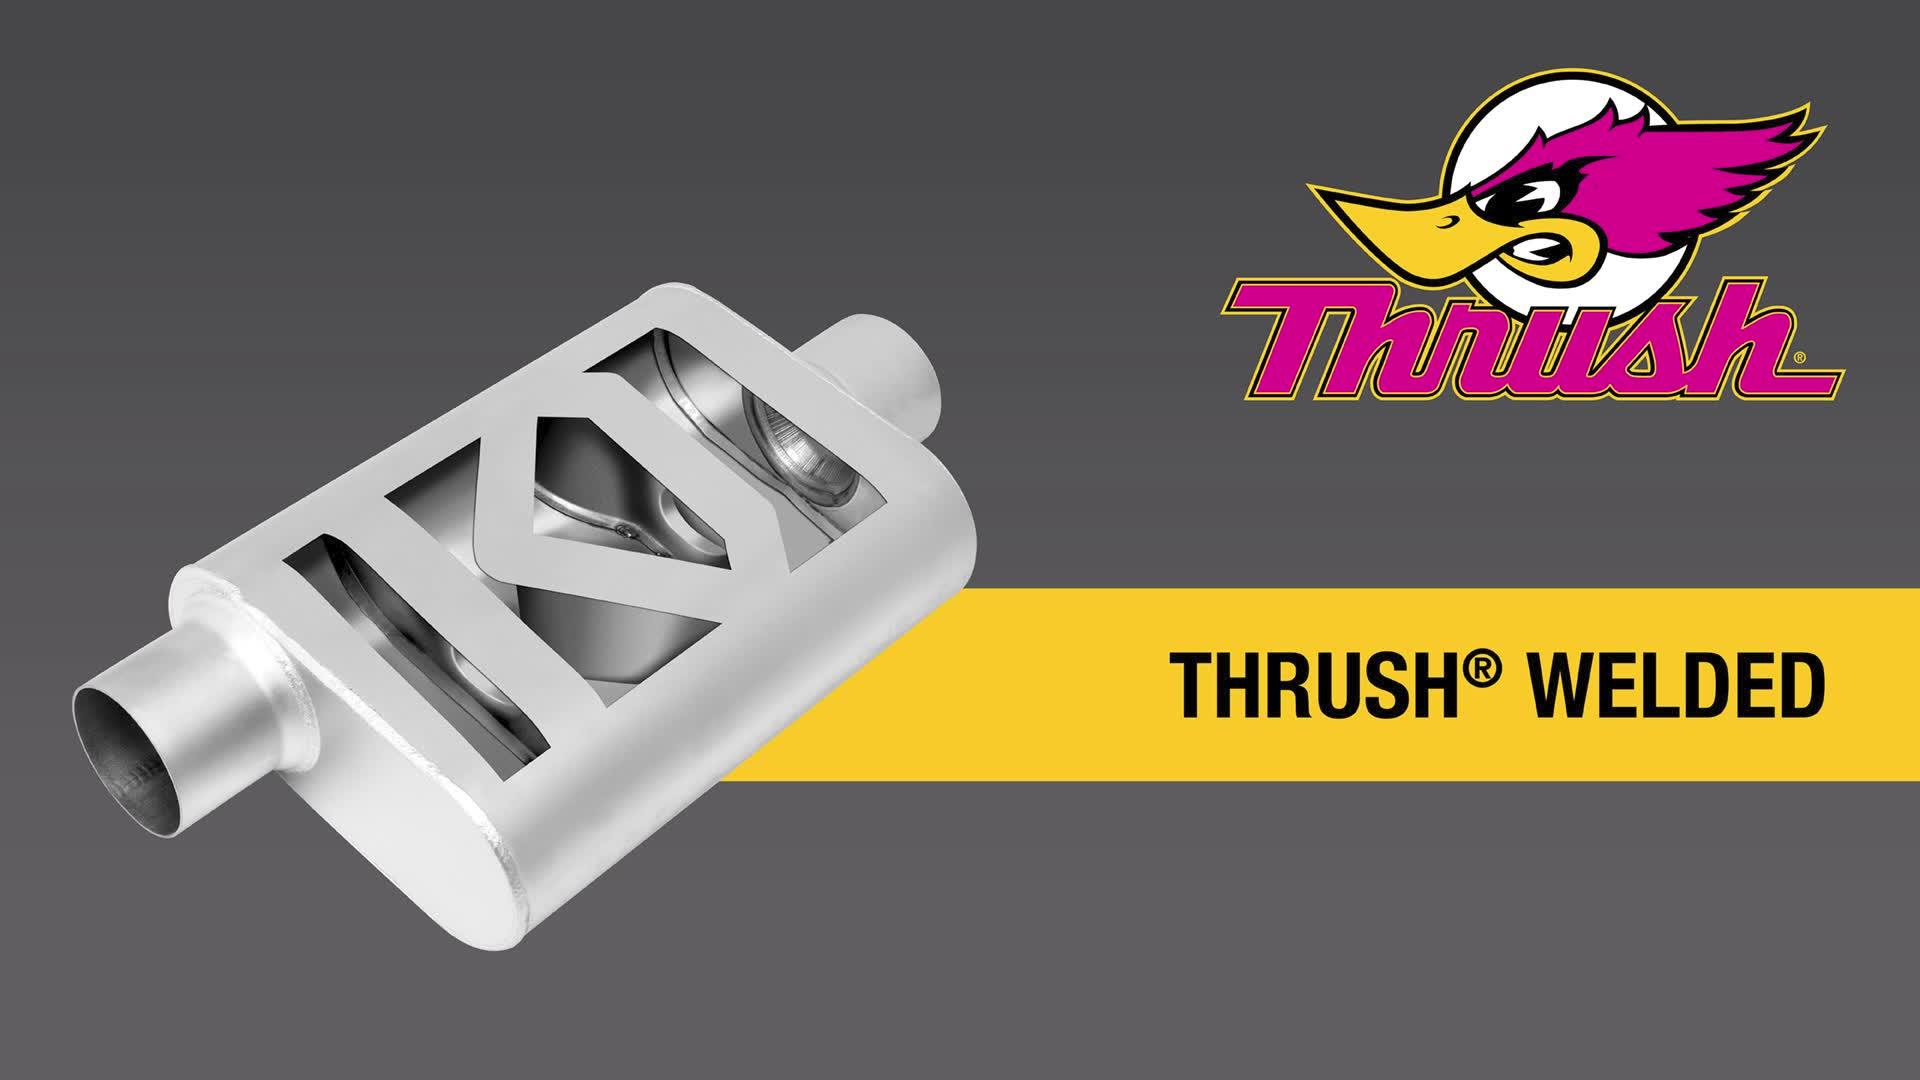 Thrush Welded Muffler Sound Thrush Welded Muffler on a 2010 Camaro